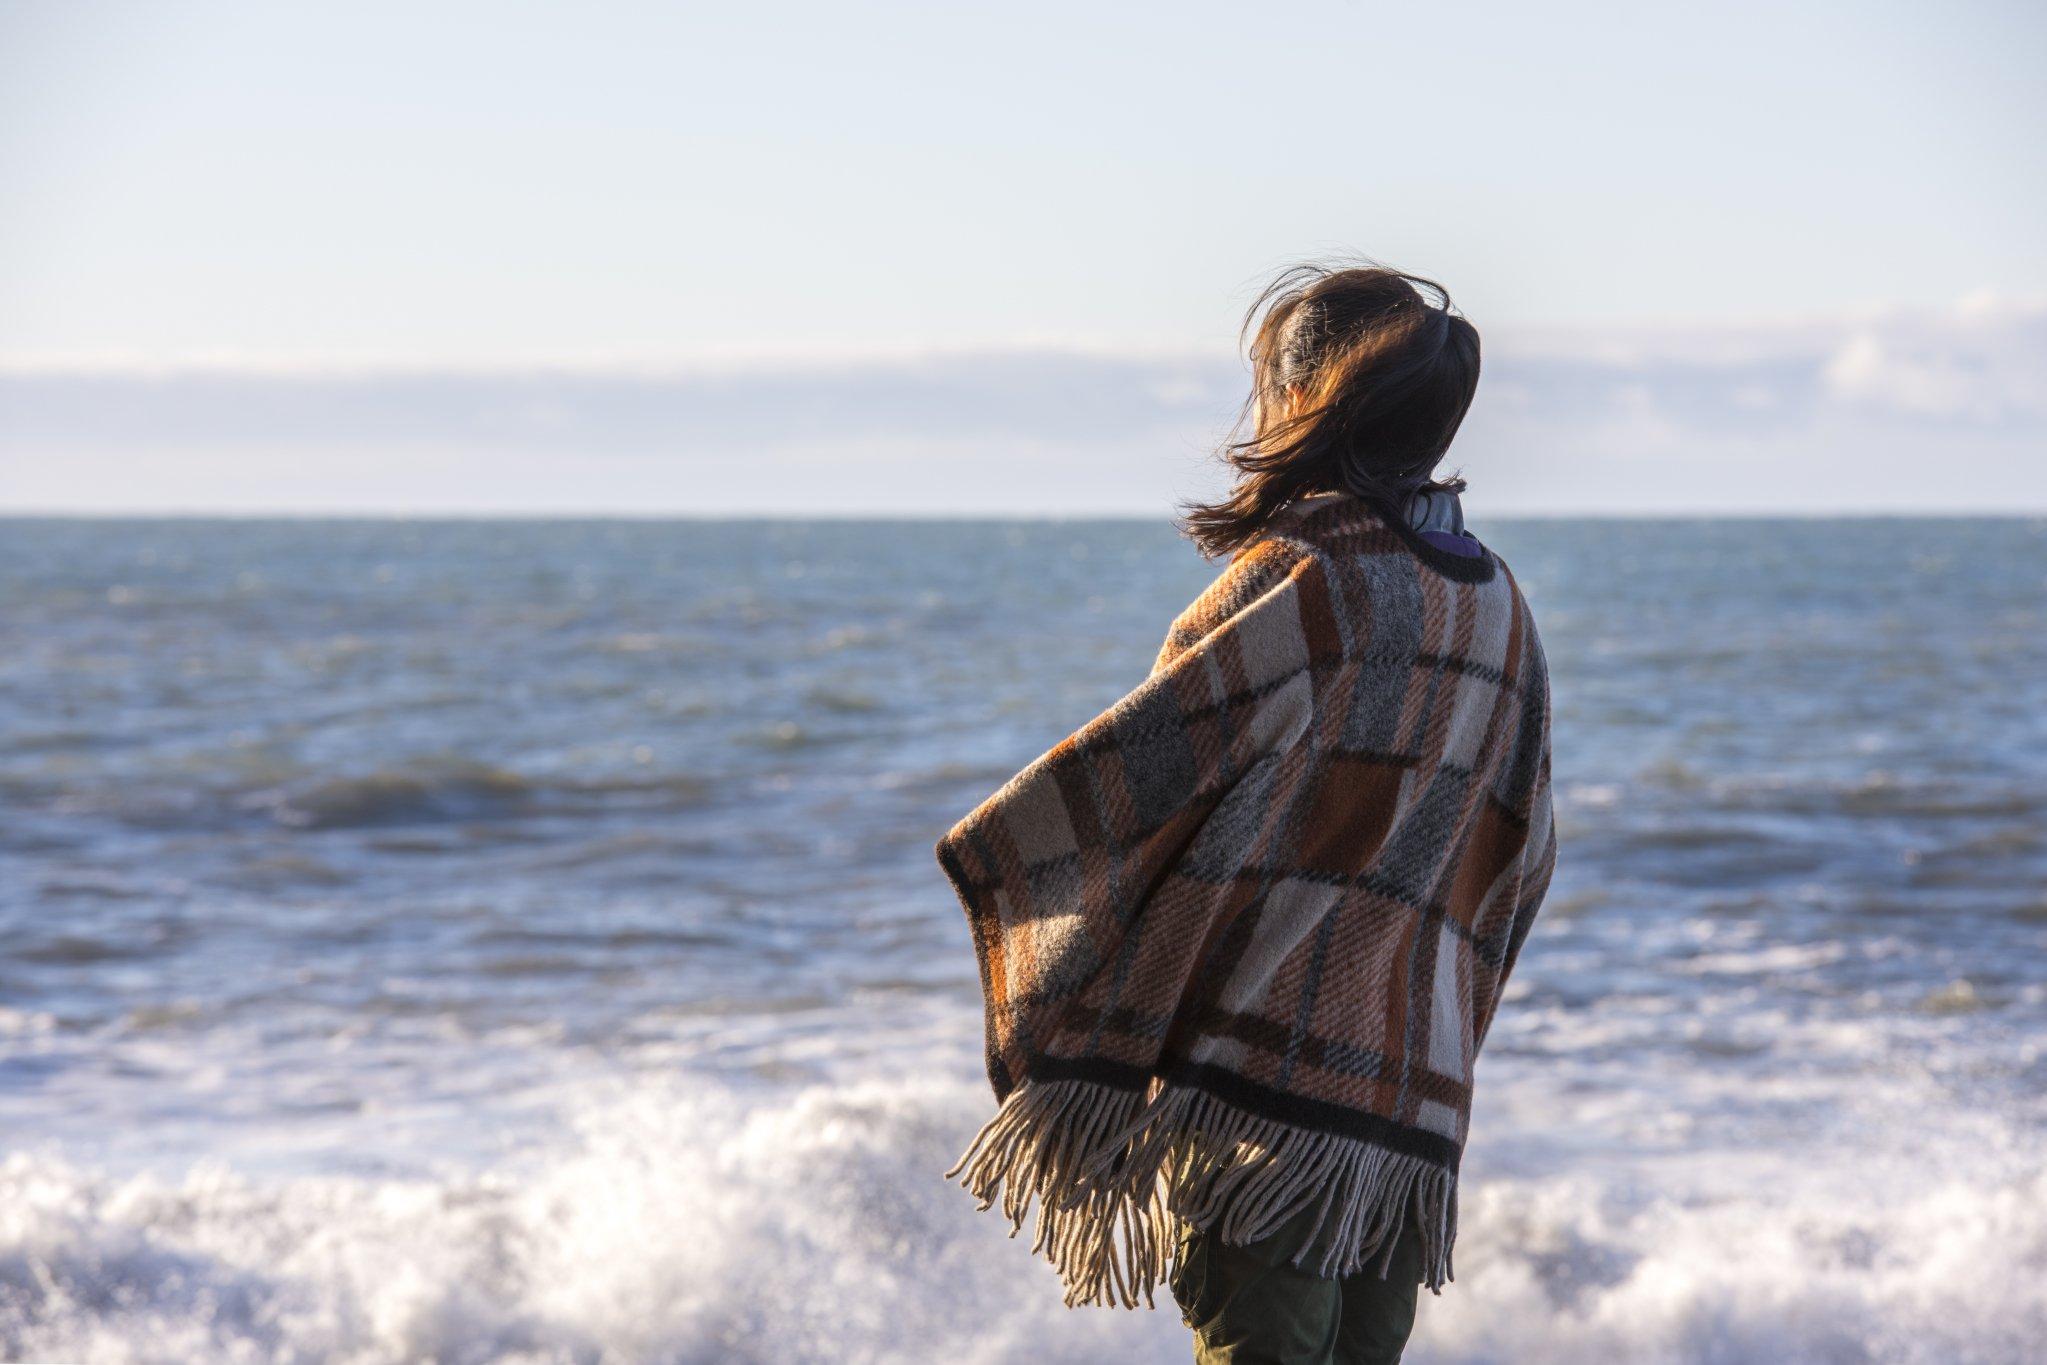 风光控兼拍妻党的冰岛,美好扛双肩,世俗放一边(7天7夜自驾,逛、吃、摄影美图)